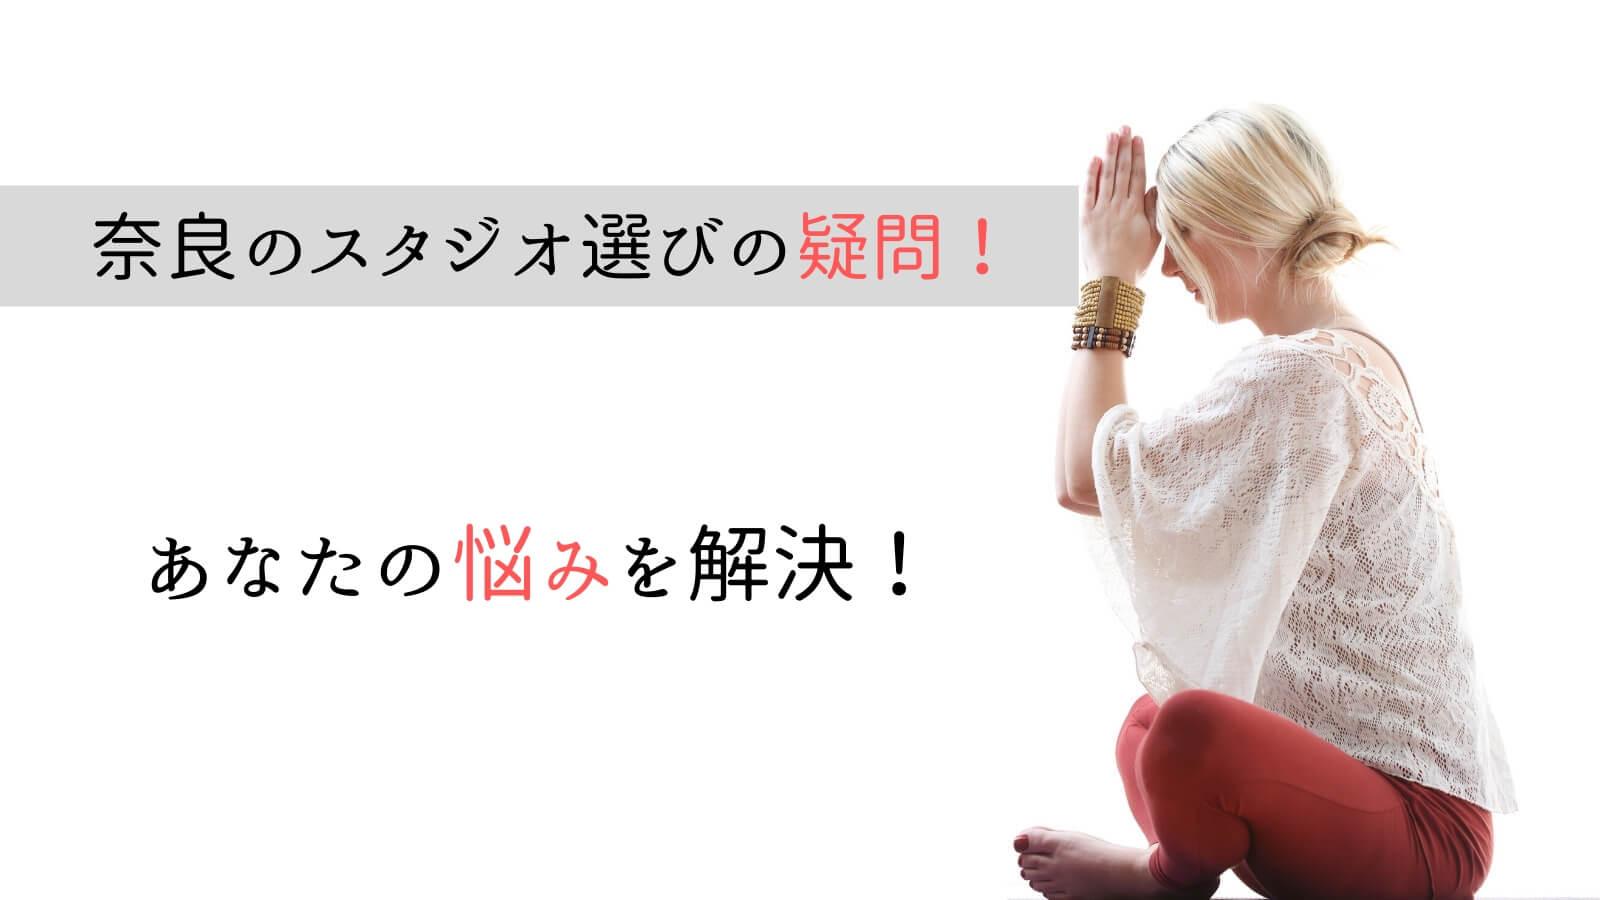 奈良でのヨガ・ピラティススタジオ選びに関するQ&A